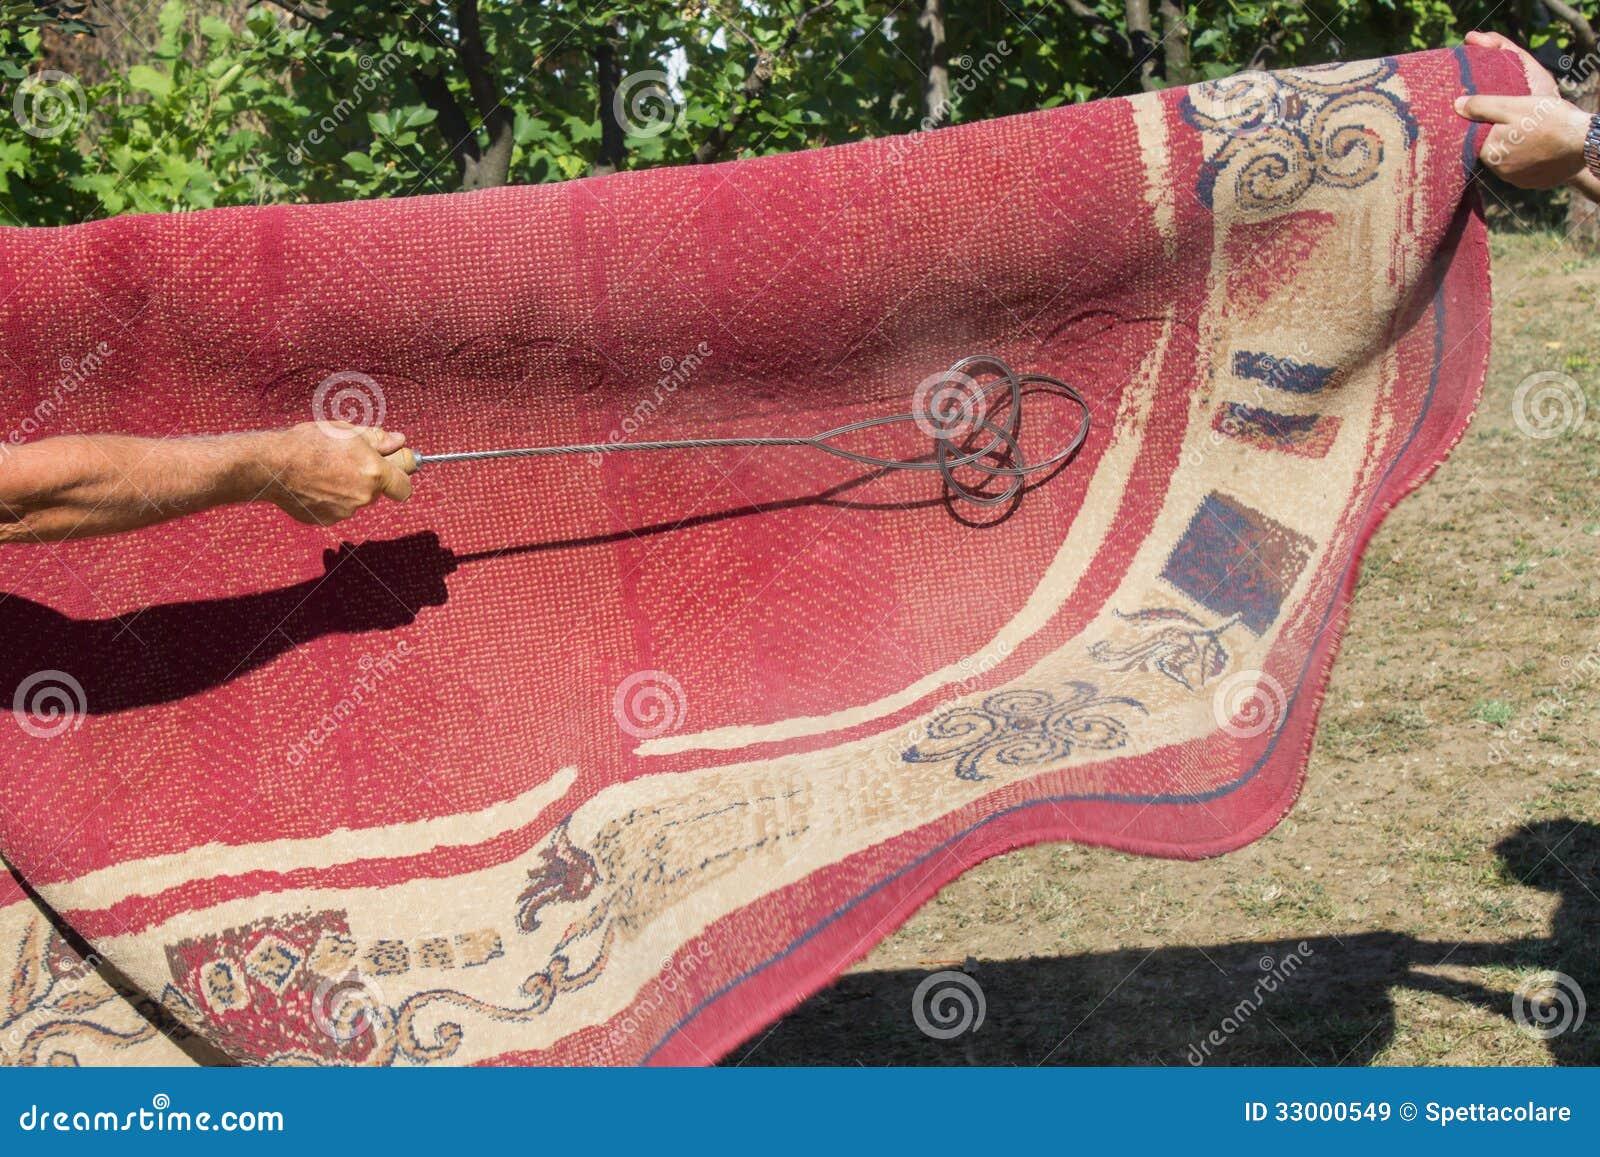 sacando-el-polvo-de-una-manta-el-m%C3%A9todo-tradicional-de-limpieza-de-la-alfombra-33000549.jpg